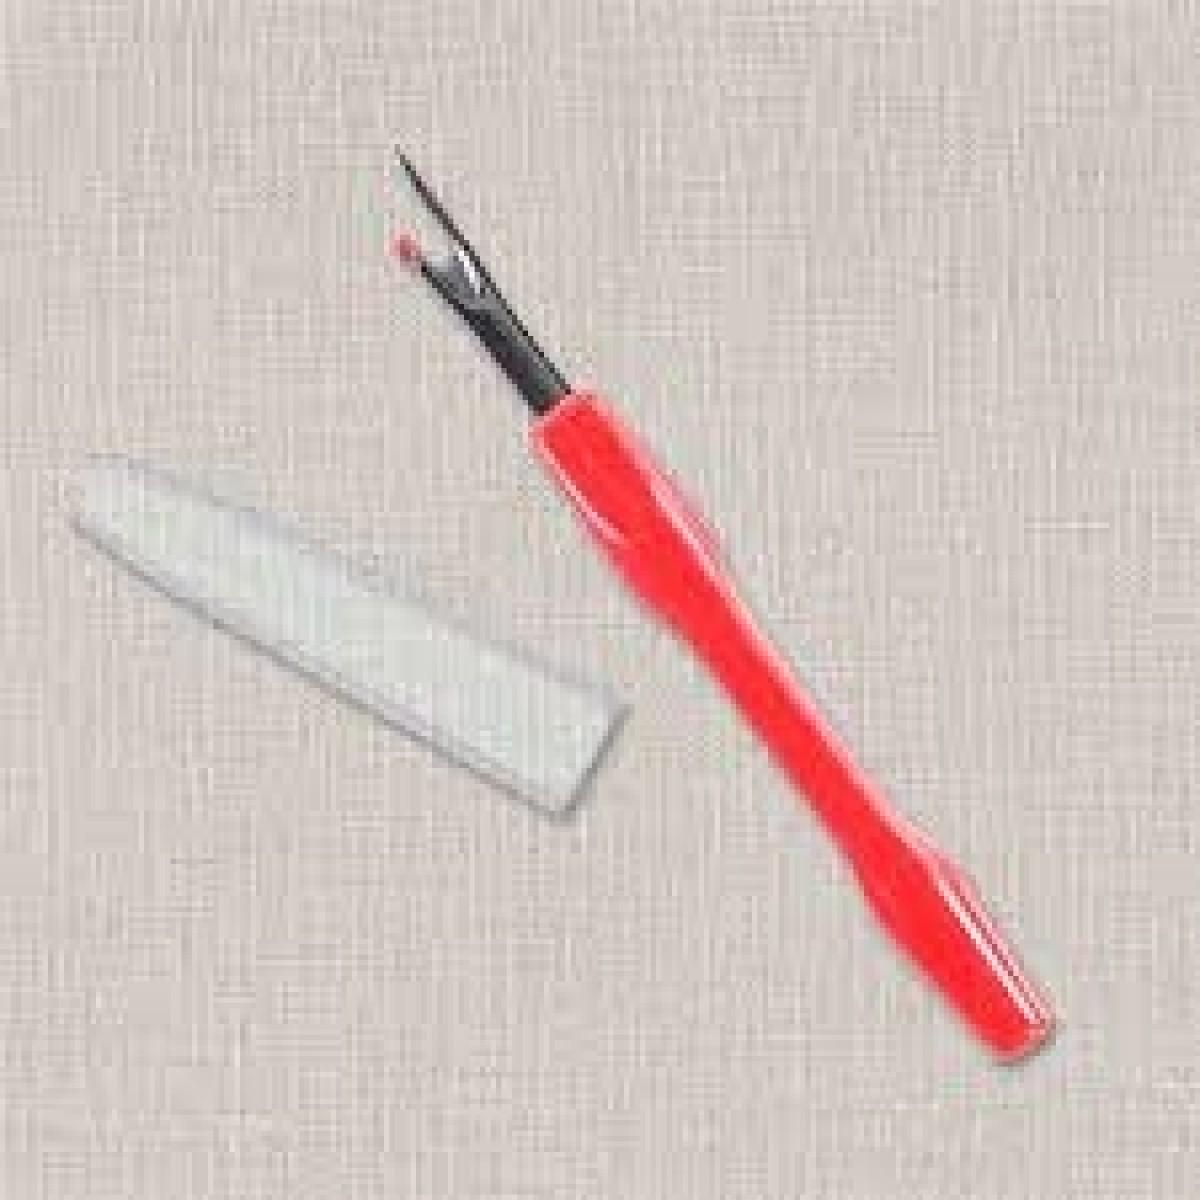 Opsprætter kniv